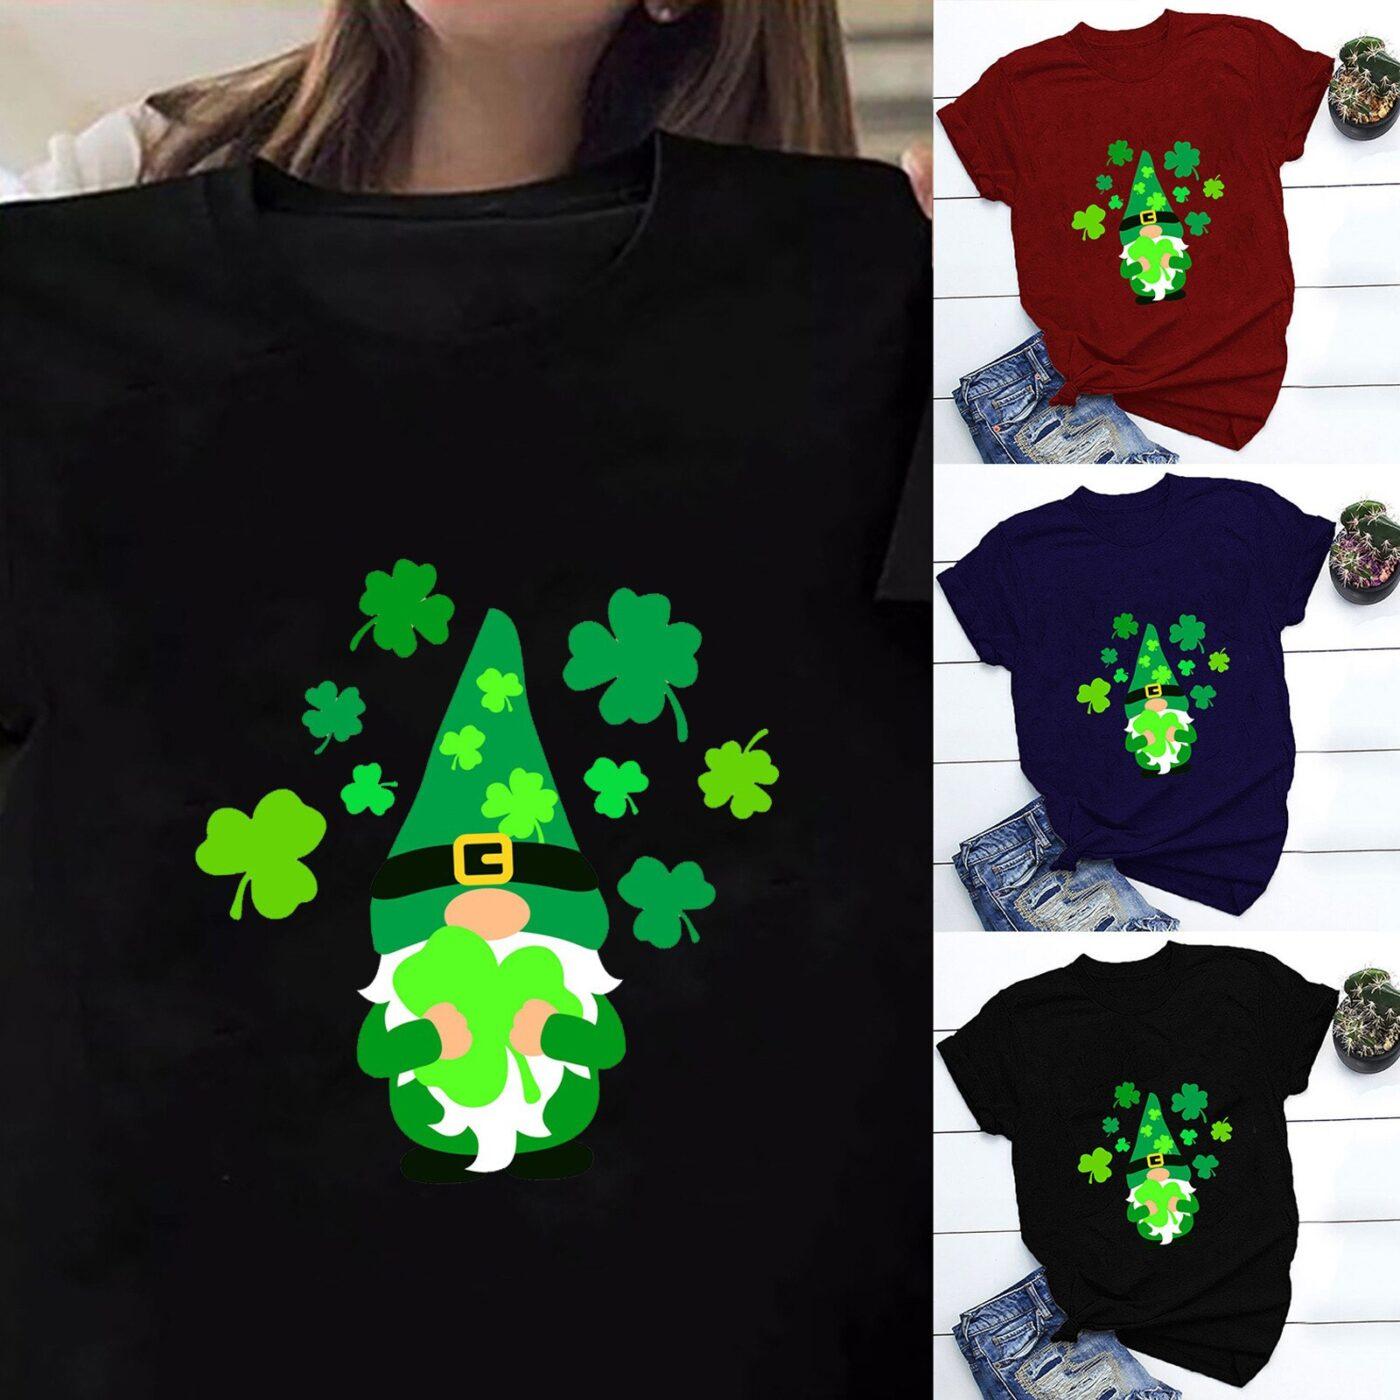 St. Patrick's Day Funny Print